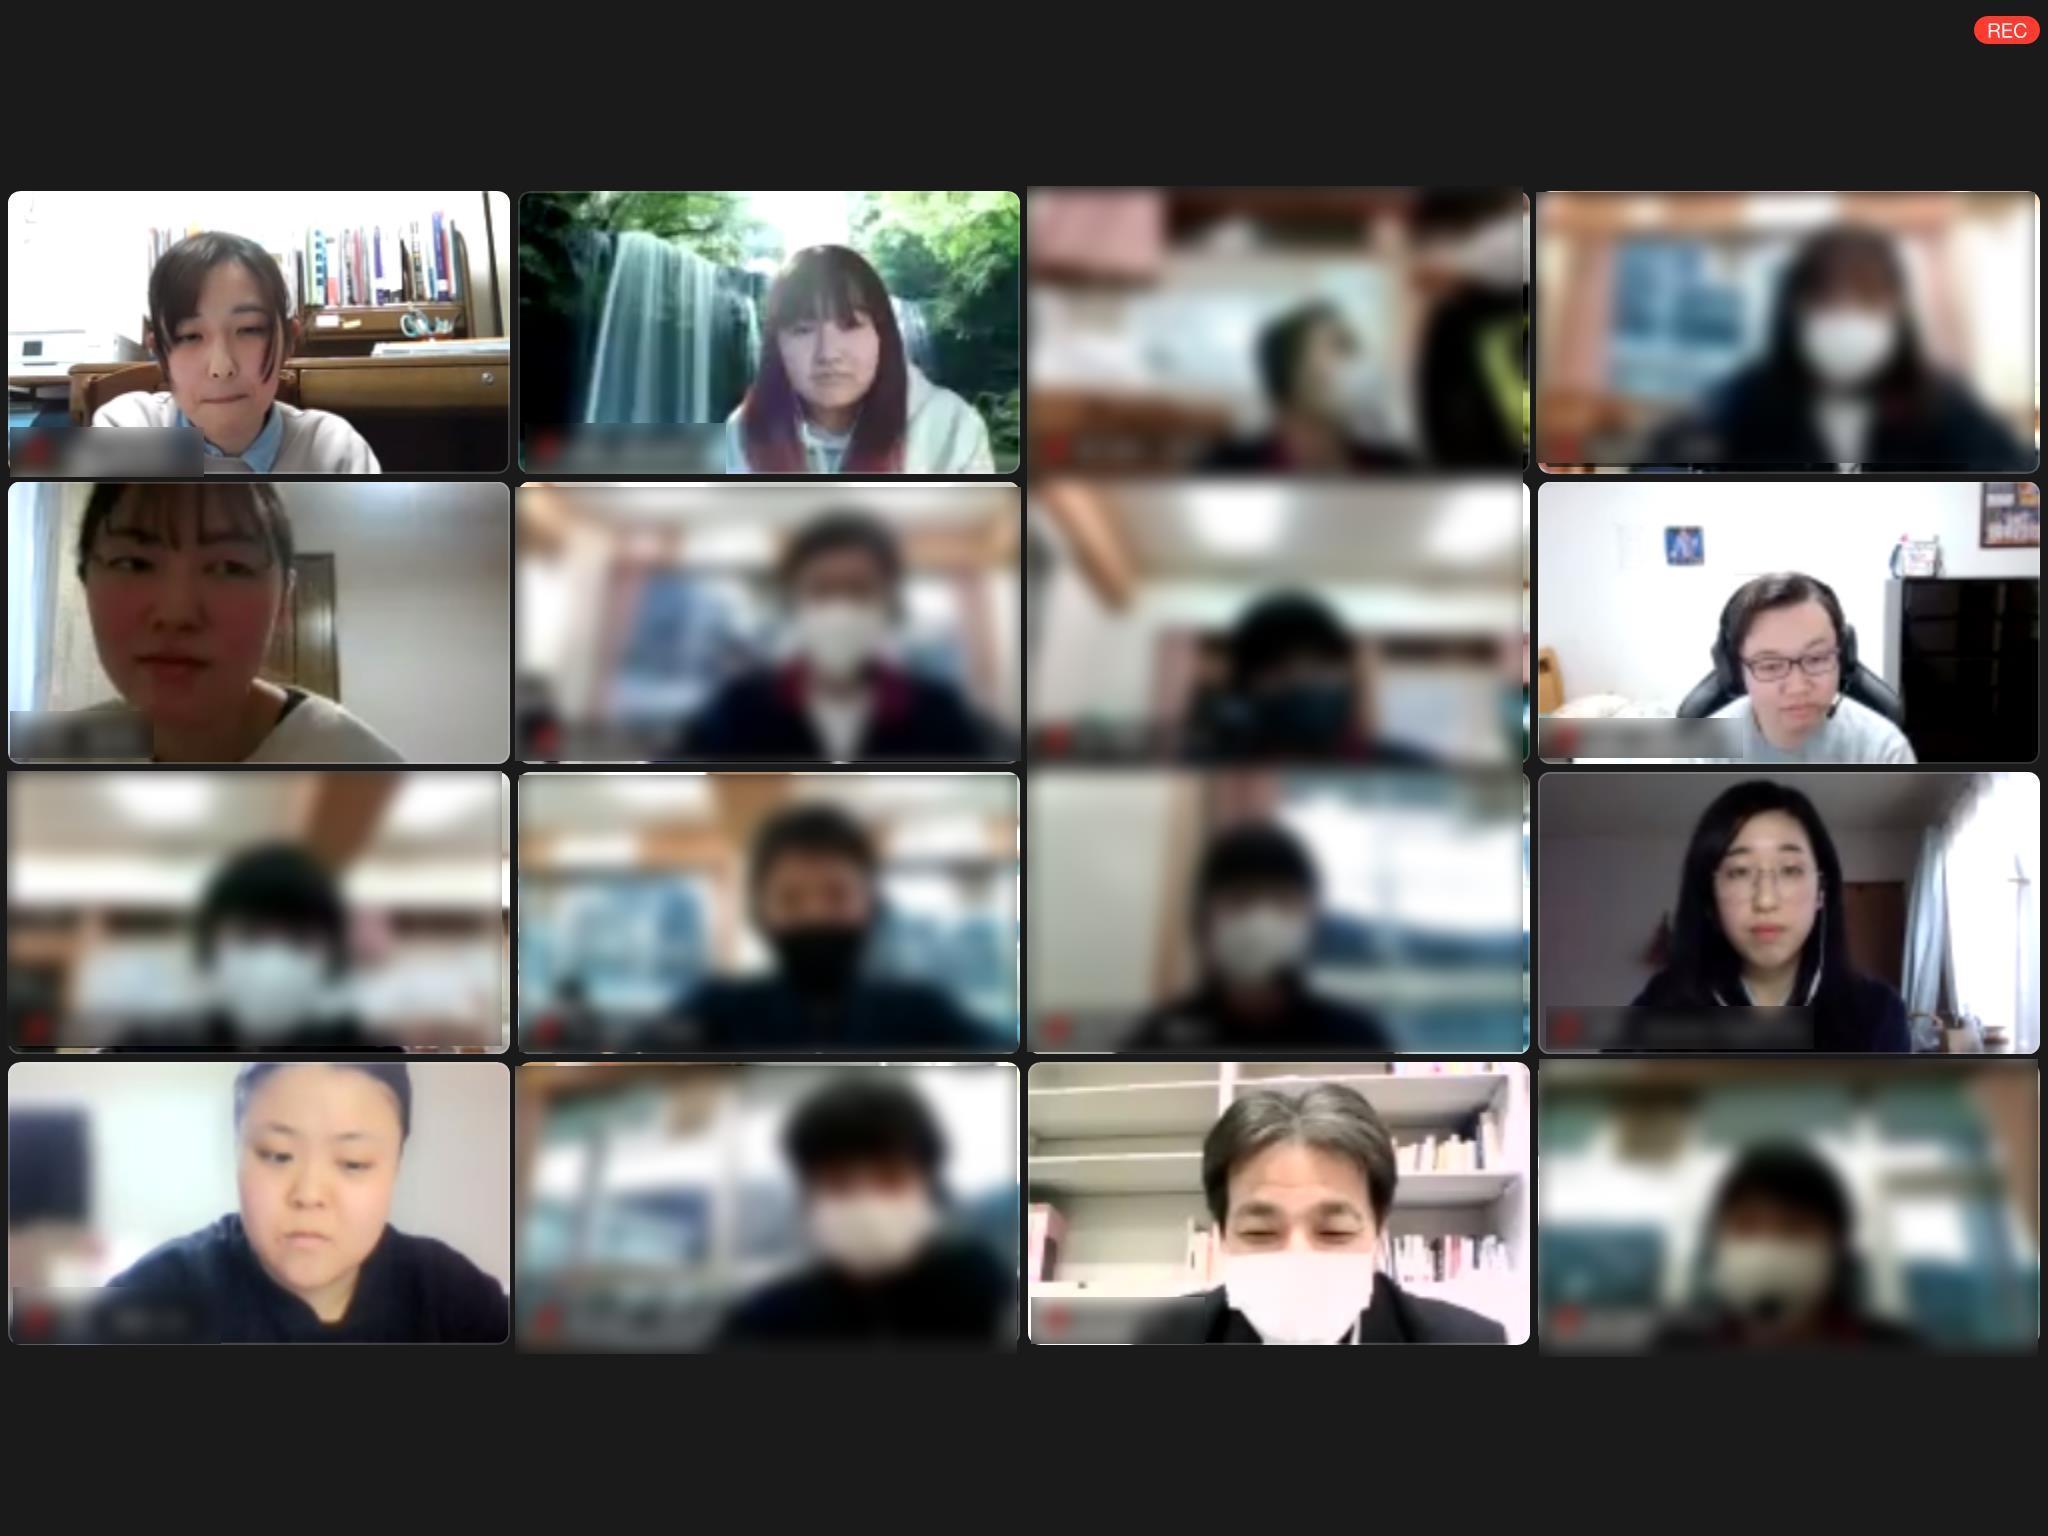 学生有志グループが長野県南木曽町の南木曽中学生をオンラインで学習支援